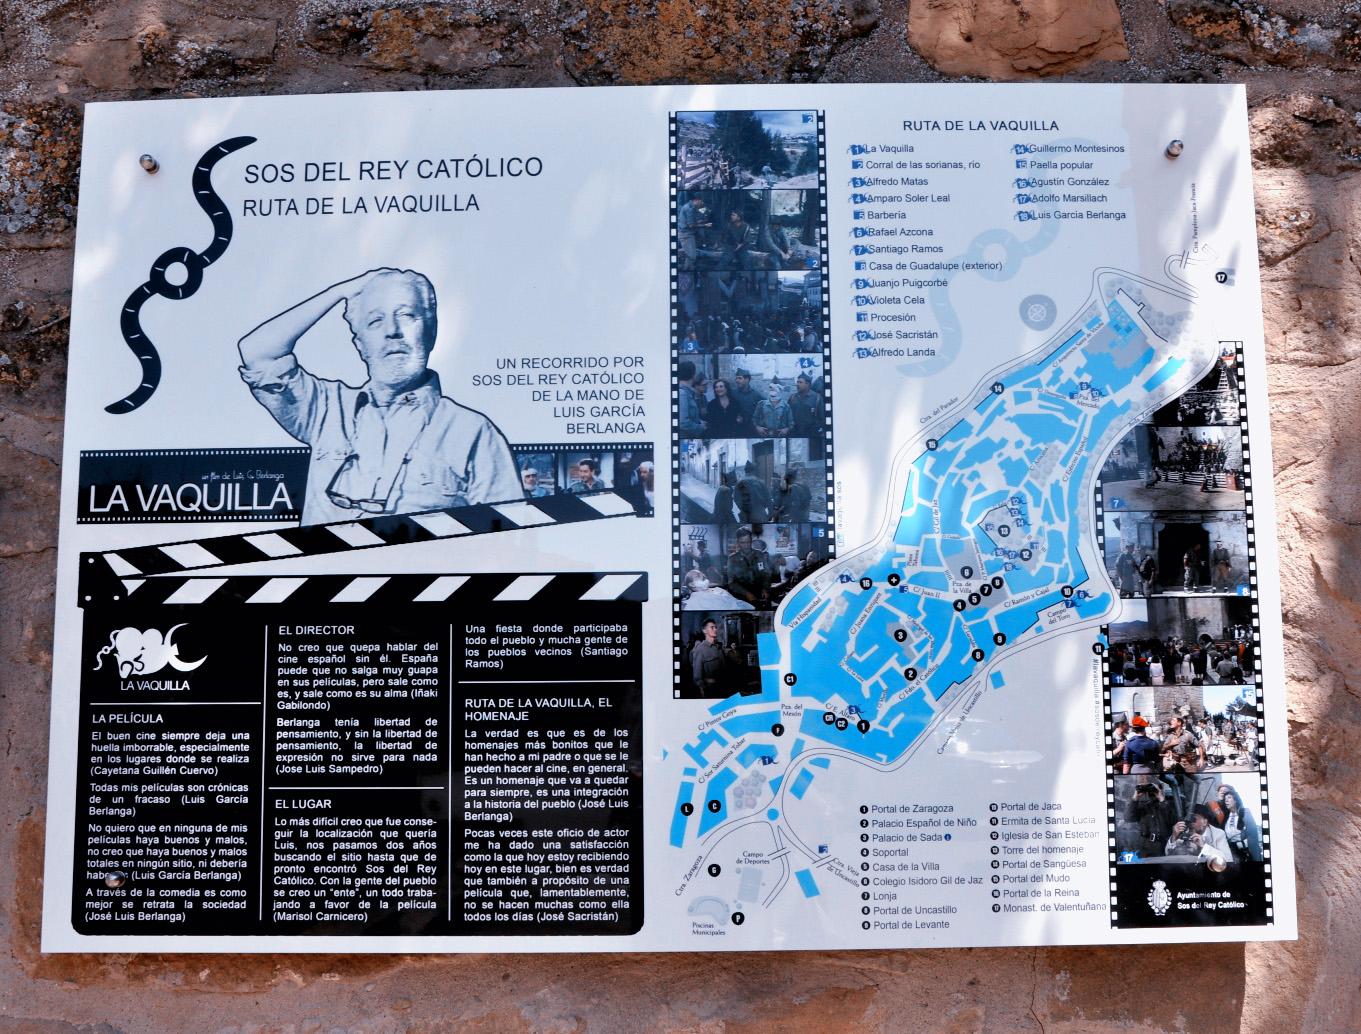 Sos Rey Catolico-Ruta La Vaquilla-Cartel-Foto AtmosferaCine